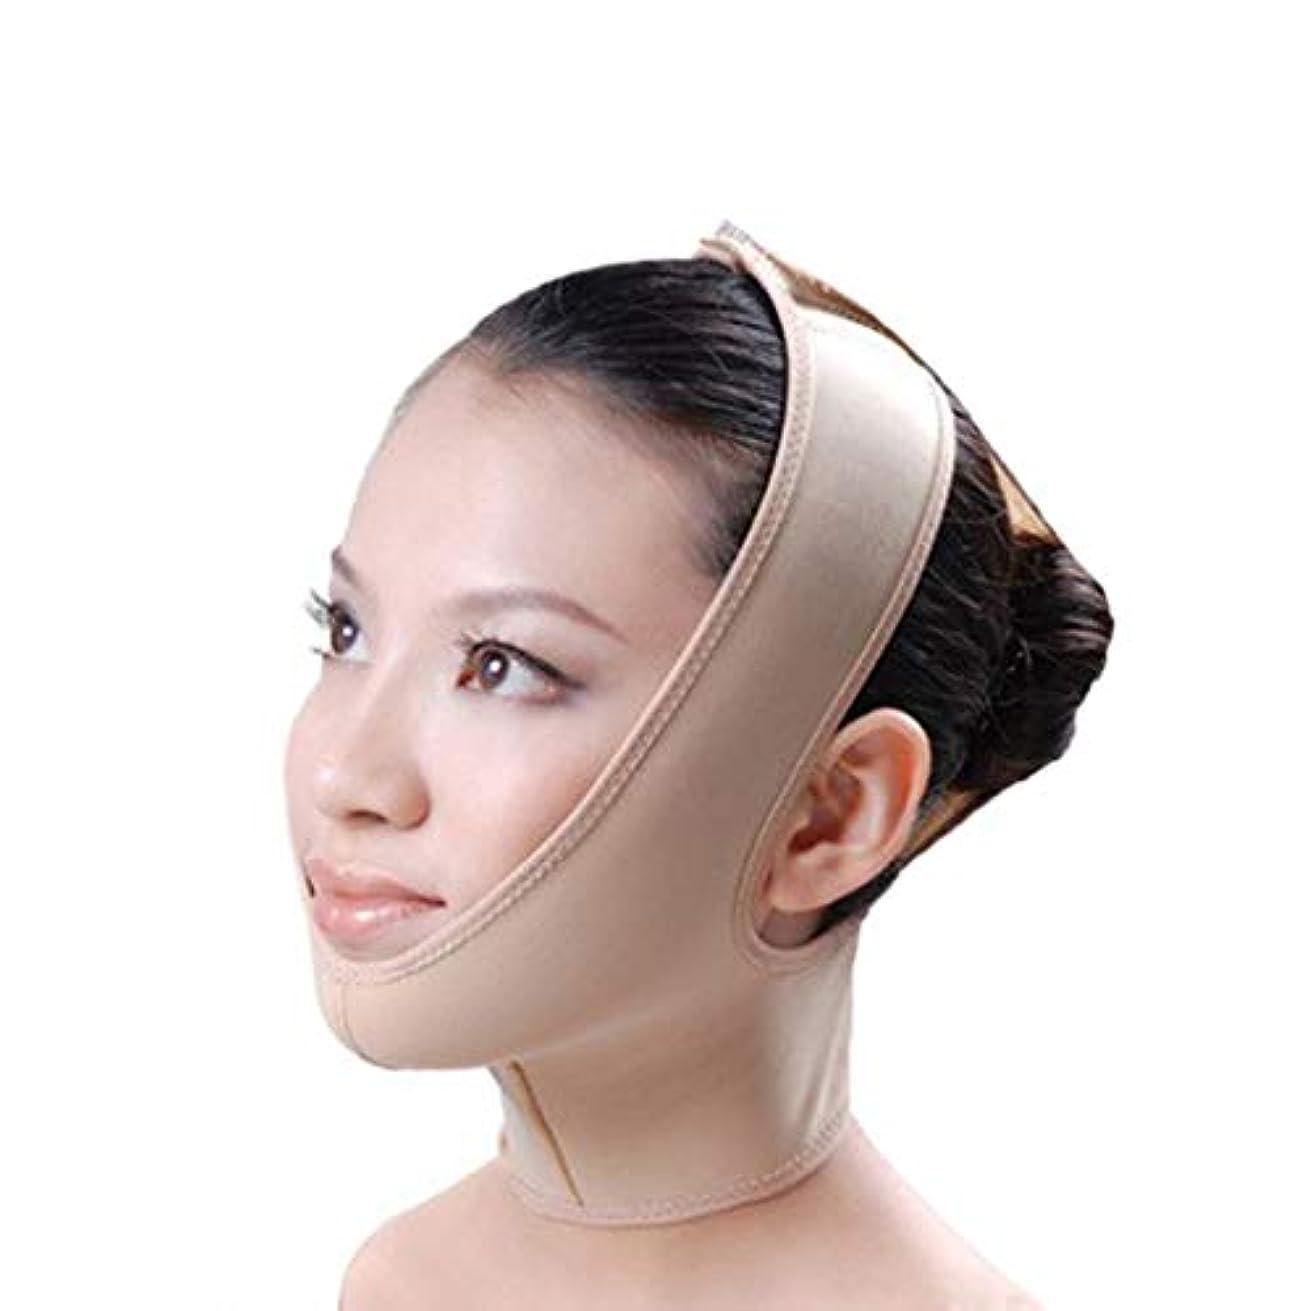 カップカンガルー鎖フェイススリム、リフティングマスク、包帯リフト、ダブルチン、ファーミングフェイシャルリフト、フェイシャル減量マスク、リフティングスキンバンデージ (Size : XL)